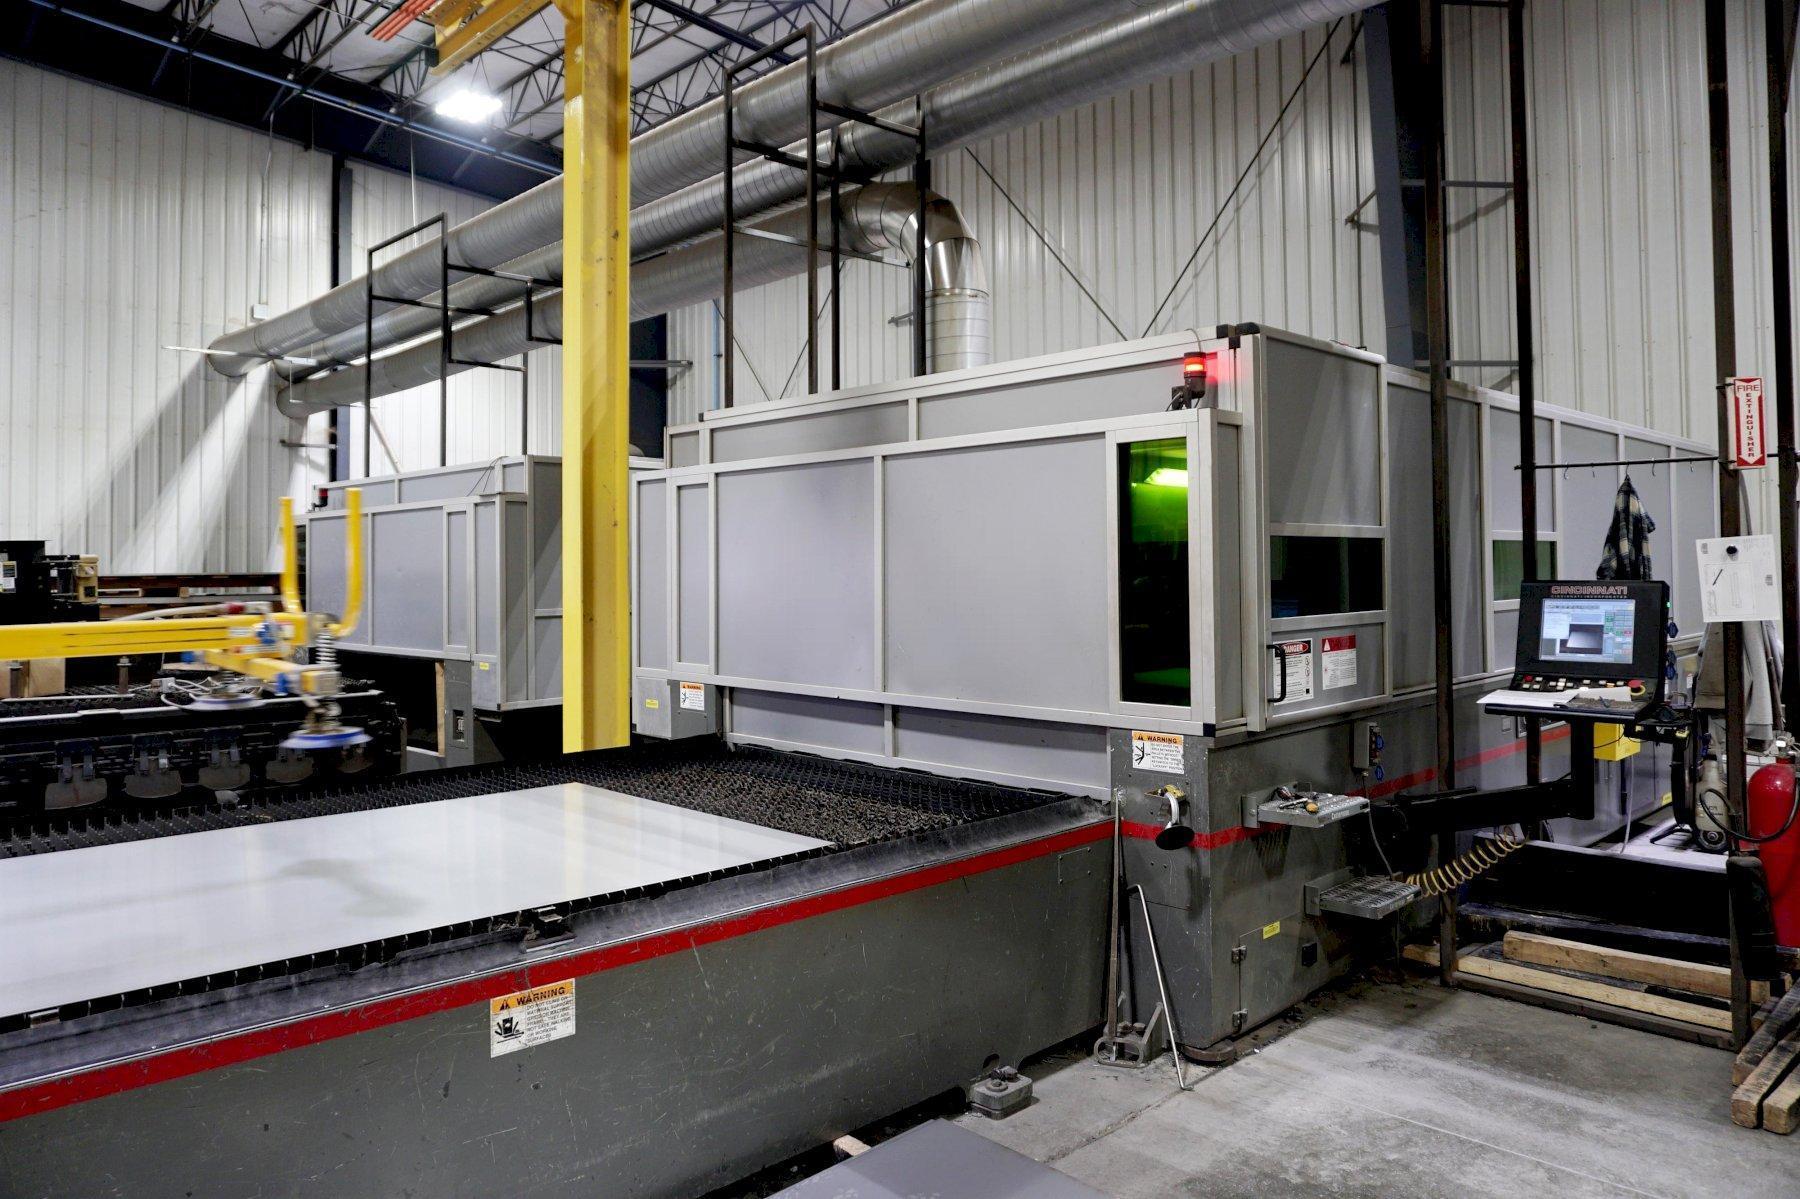 Cincinnati CL 940 6' X 12' 4KW Fiber Laser